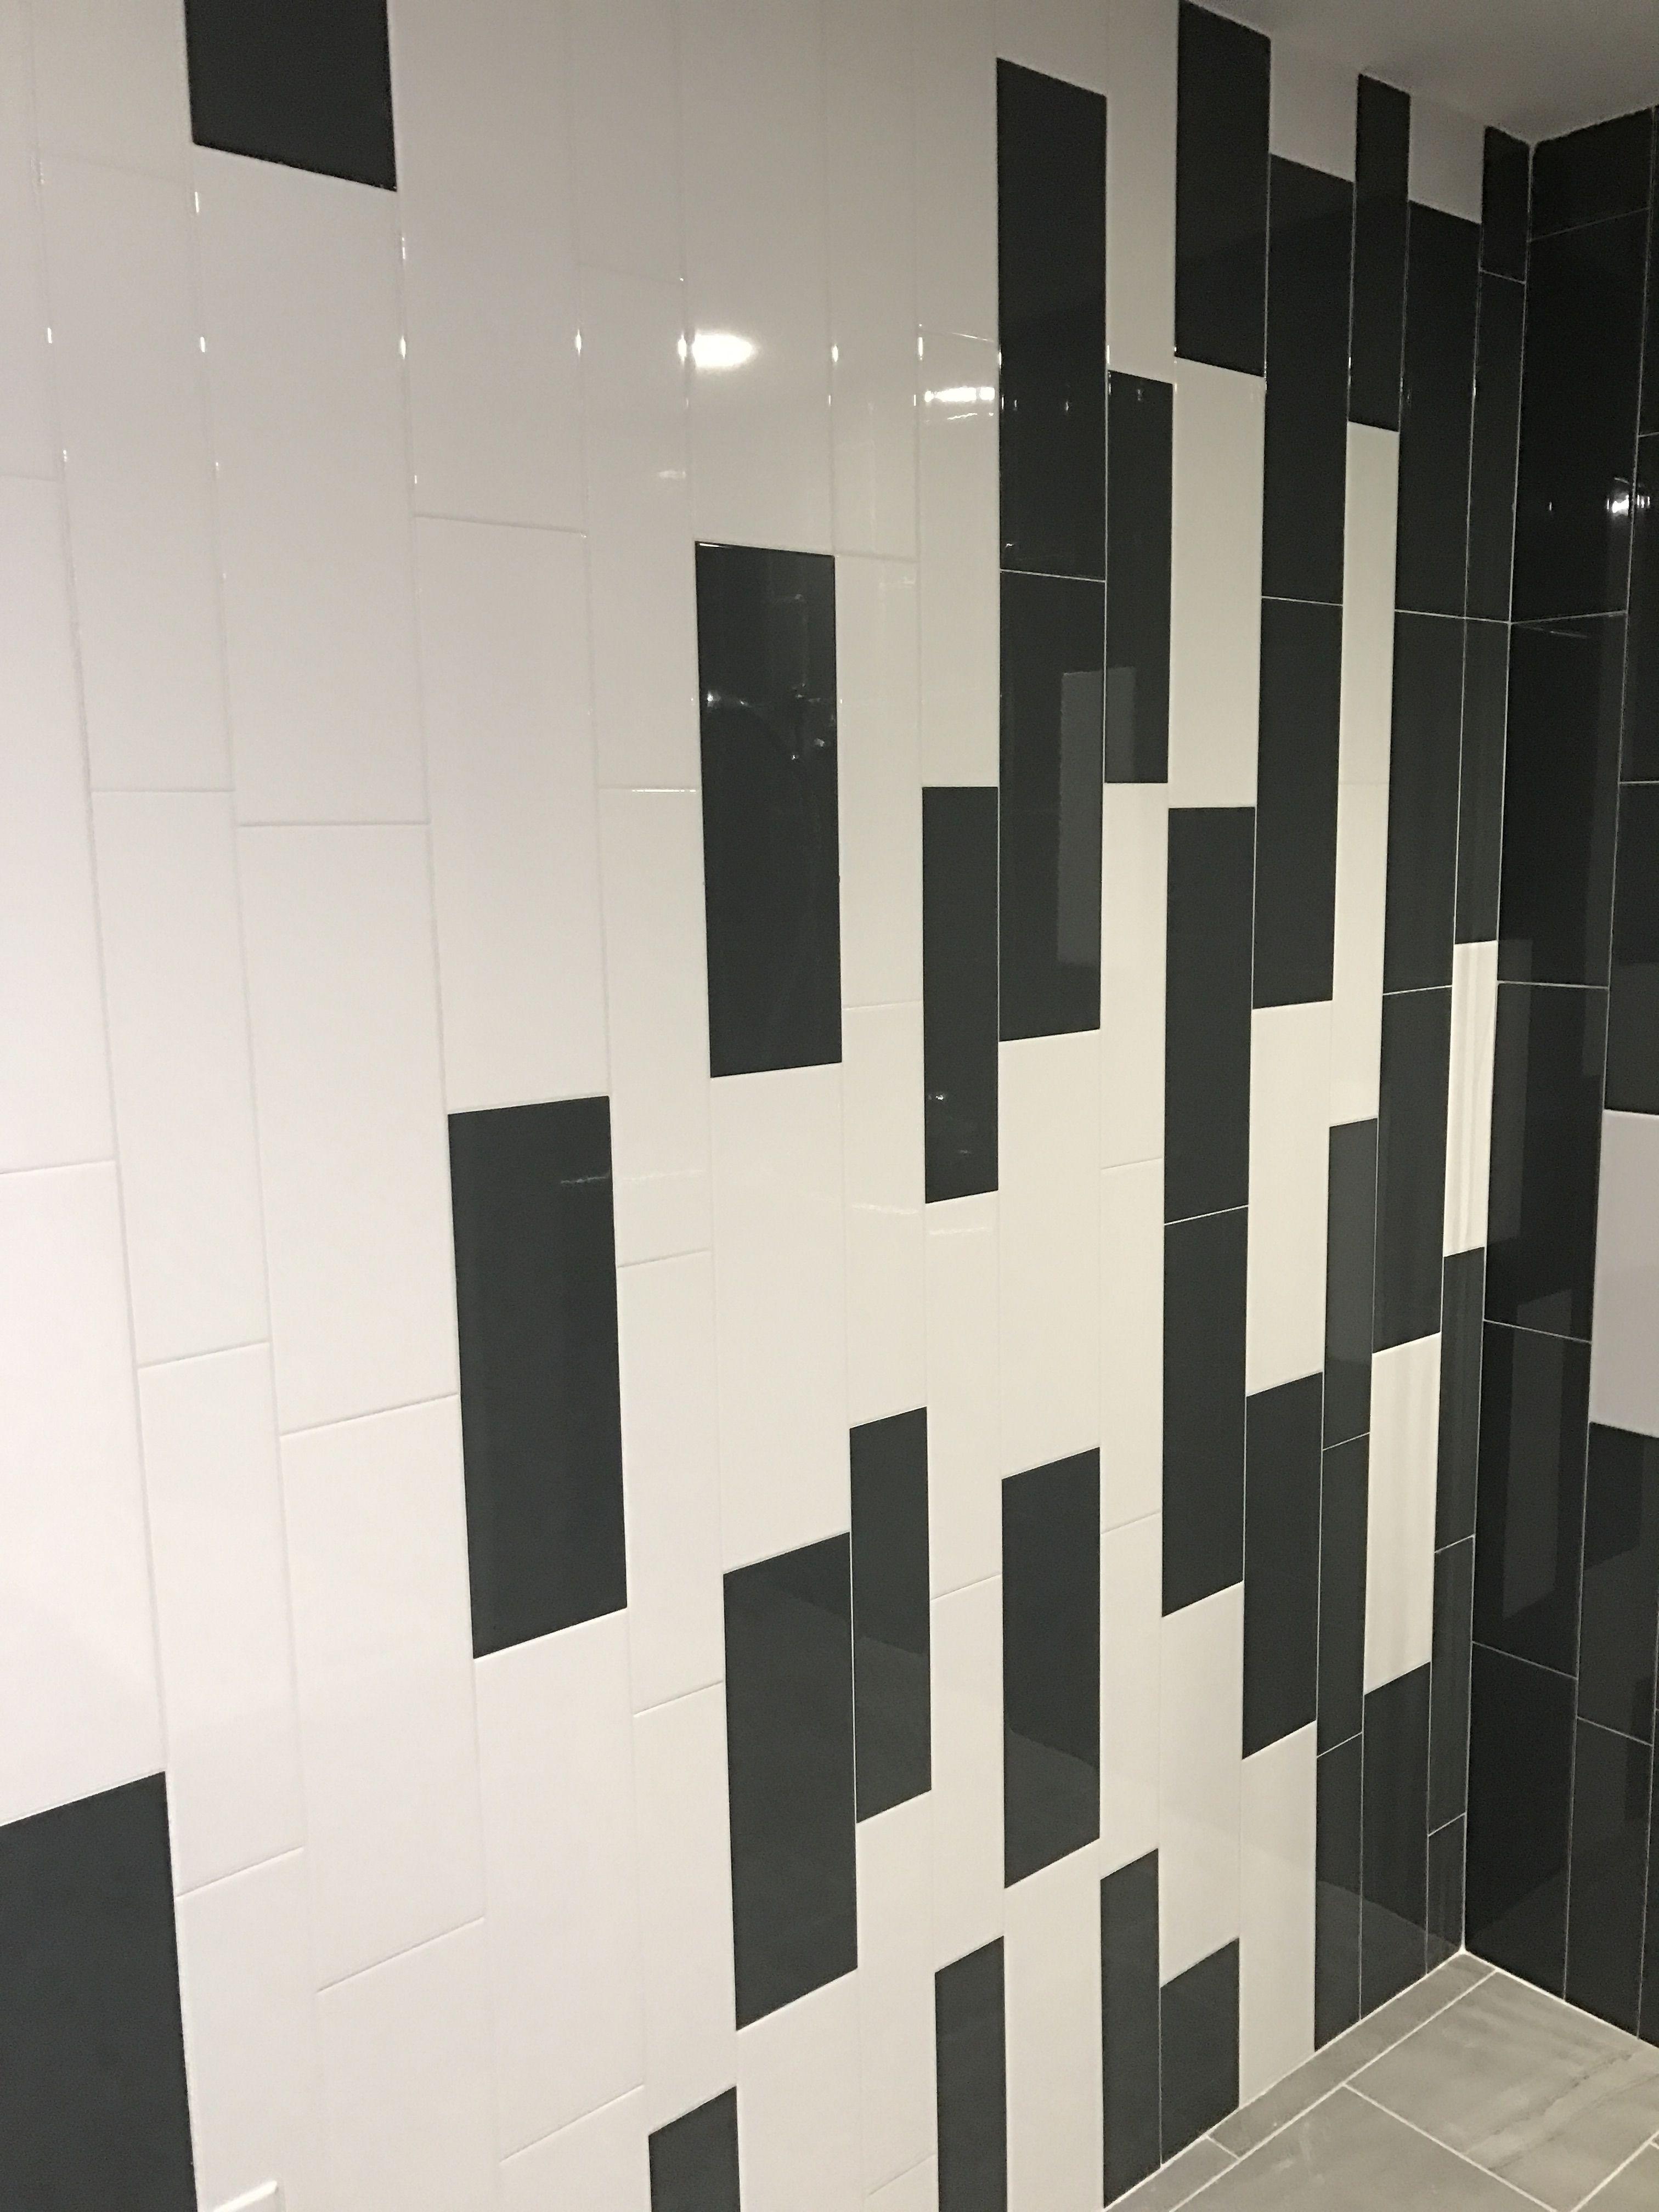 Daltile 4x4 Ceramic Tile | Tile Design Ideas